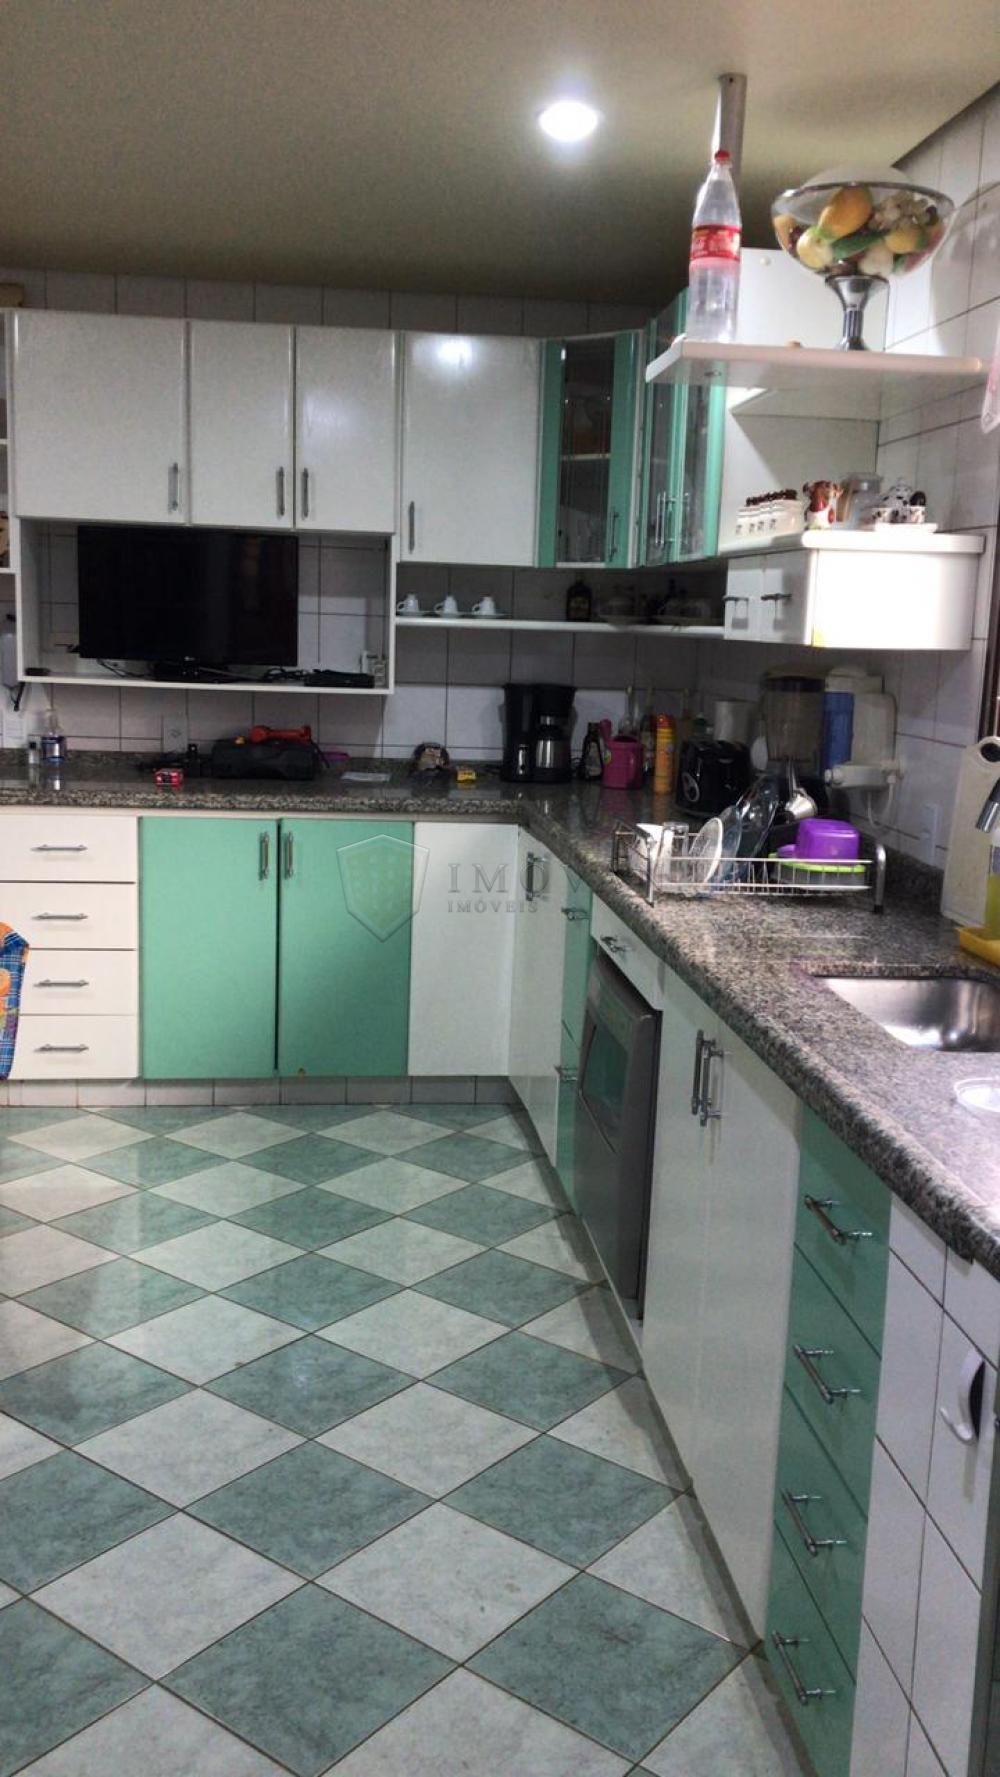 Comprar Apartamento / Padrão em Ribeirão Preto R$ 550.000,00 - Foto 5